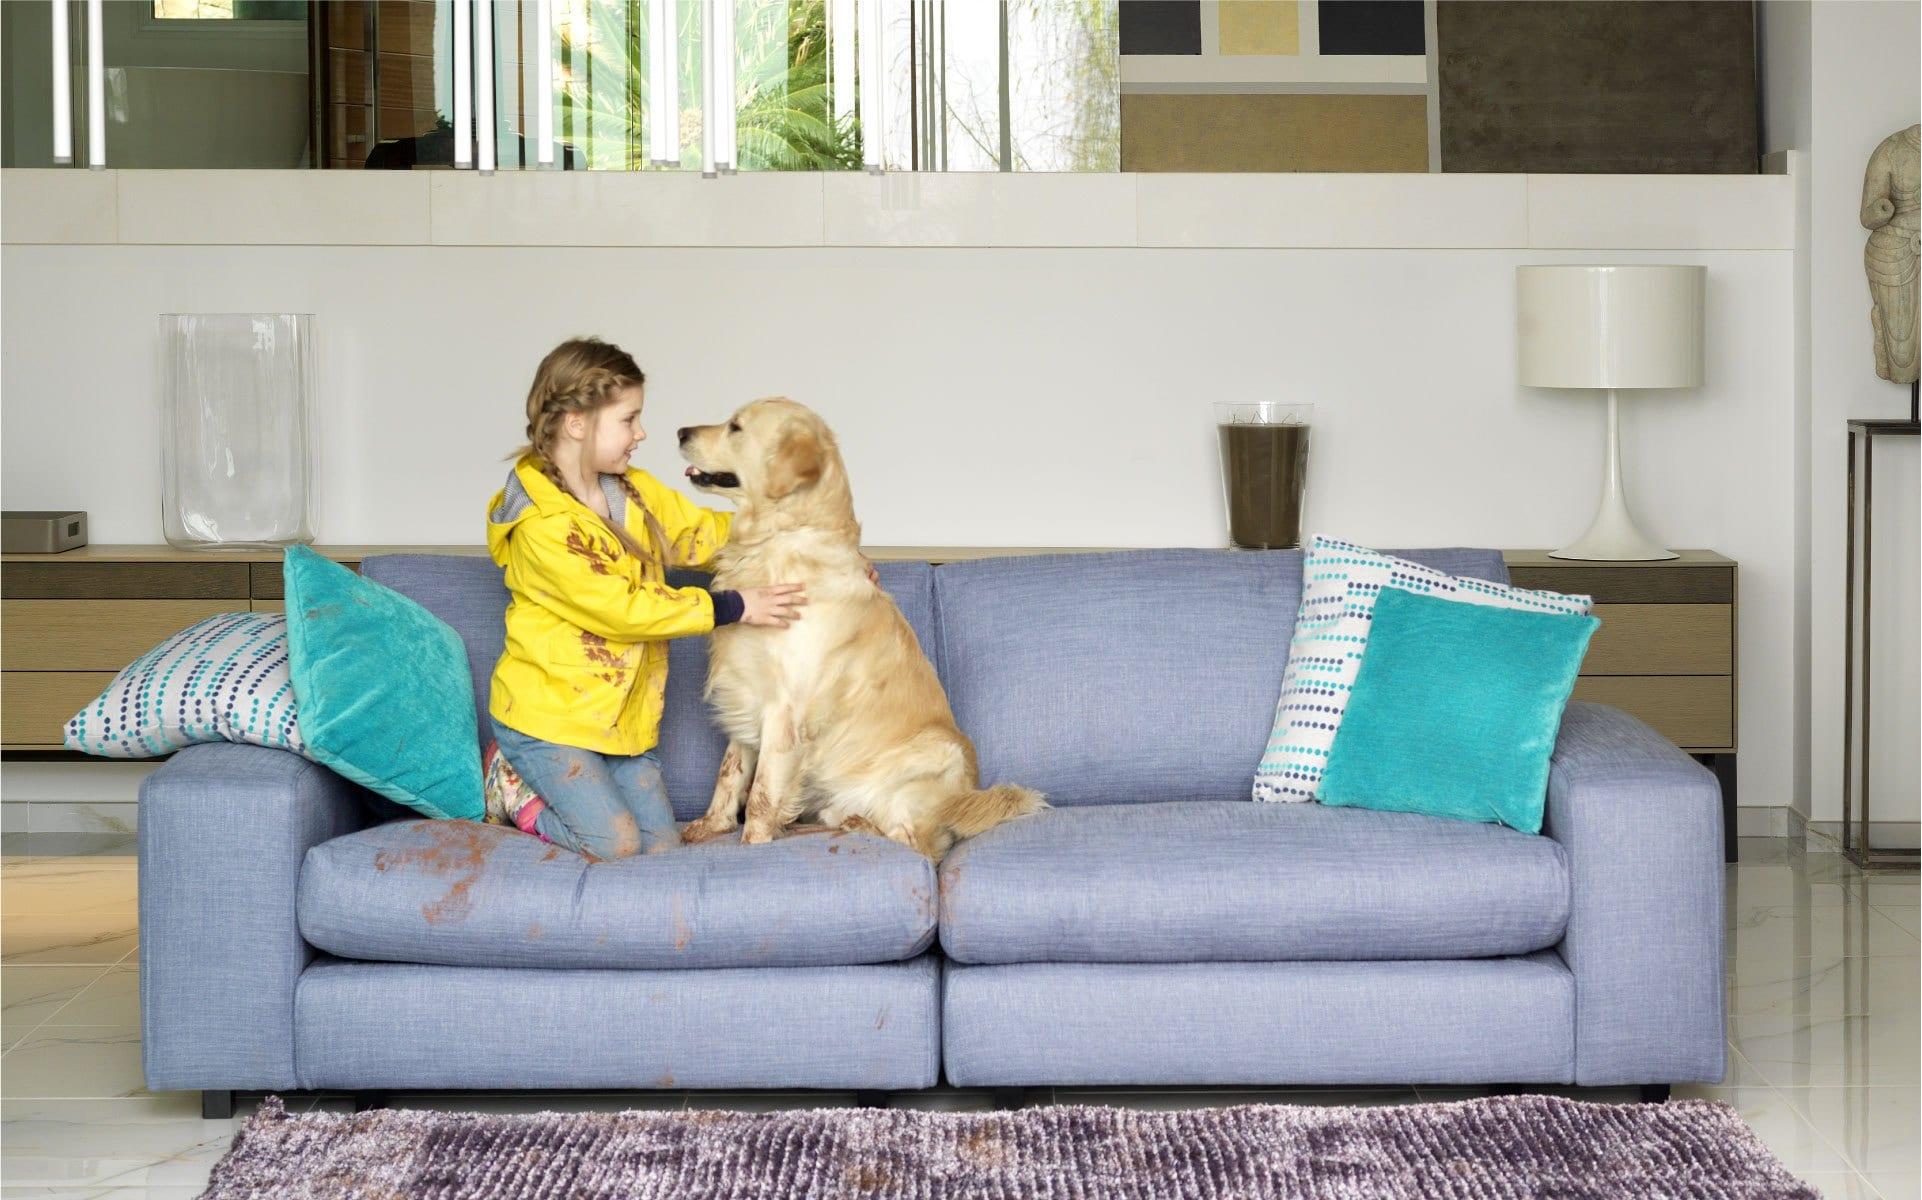 Consejos para limpiar un sof de tela - Limpieza de sofas de tela ...